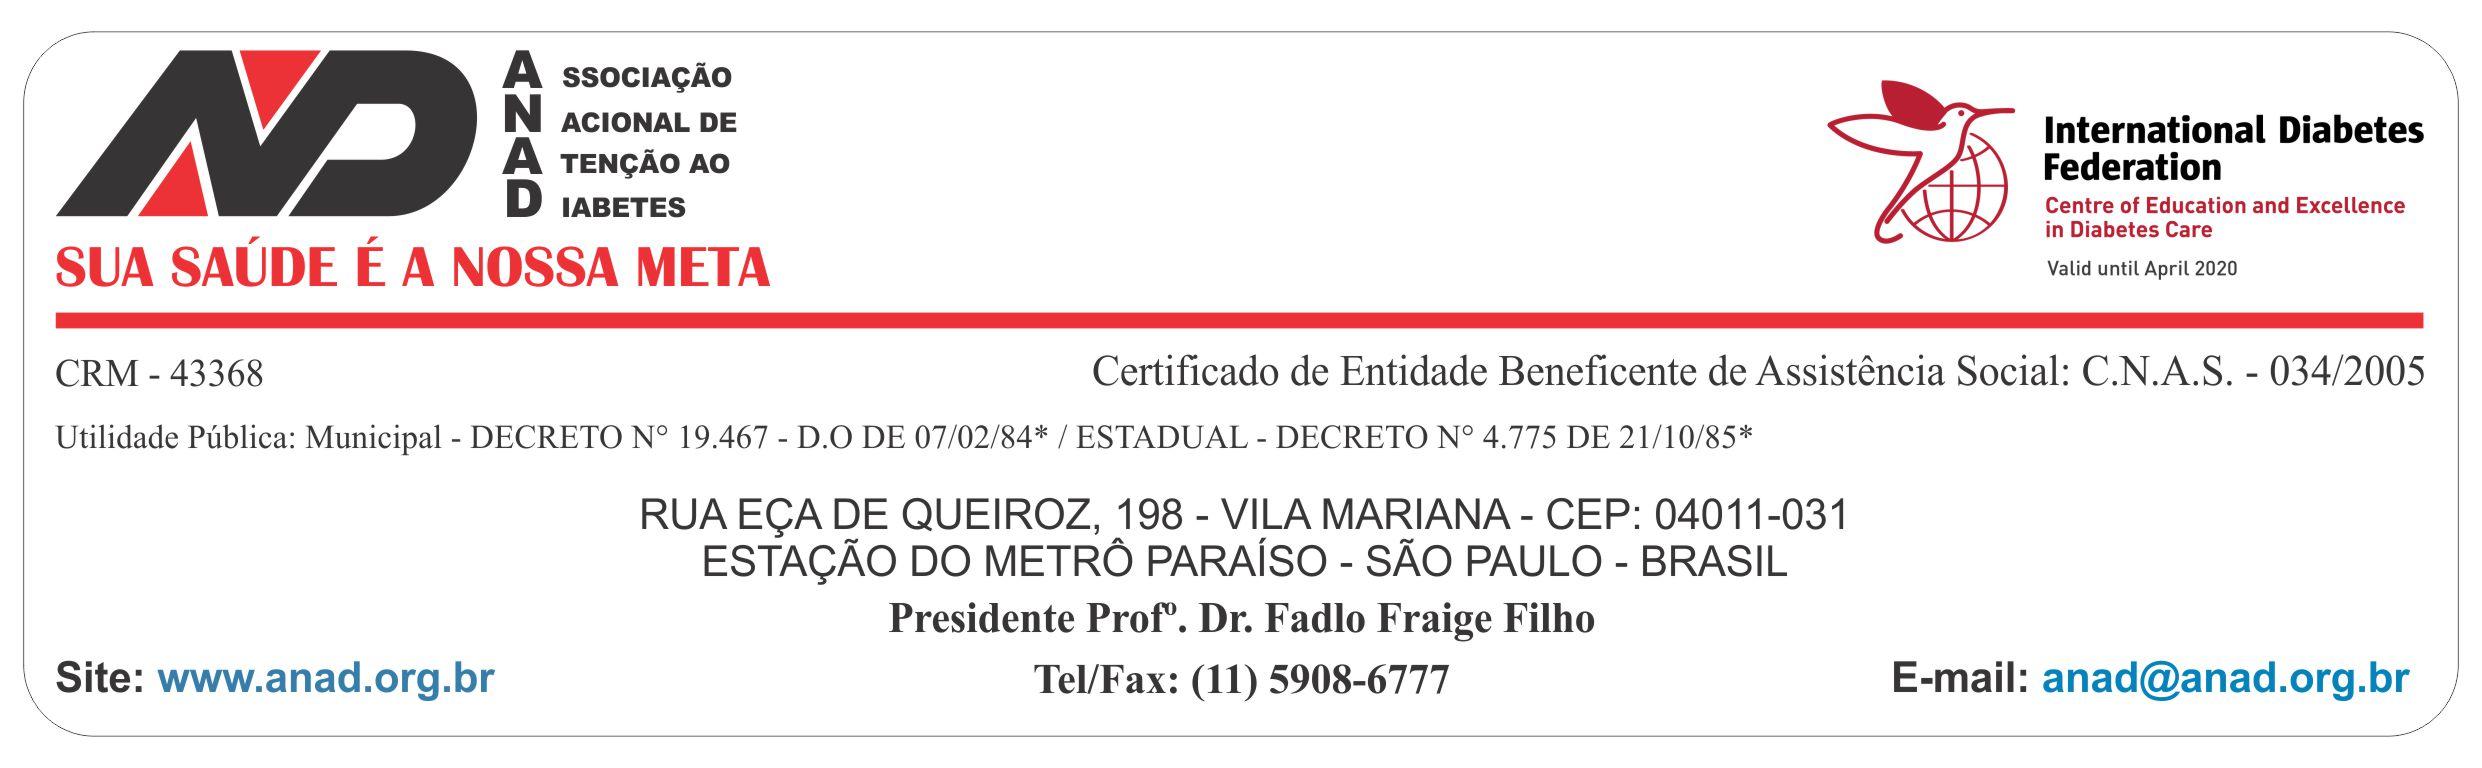 Cabecalho_ANAD